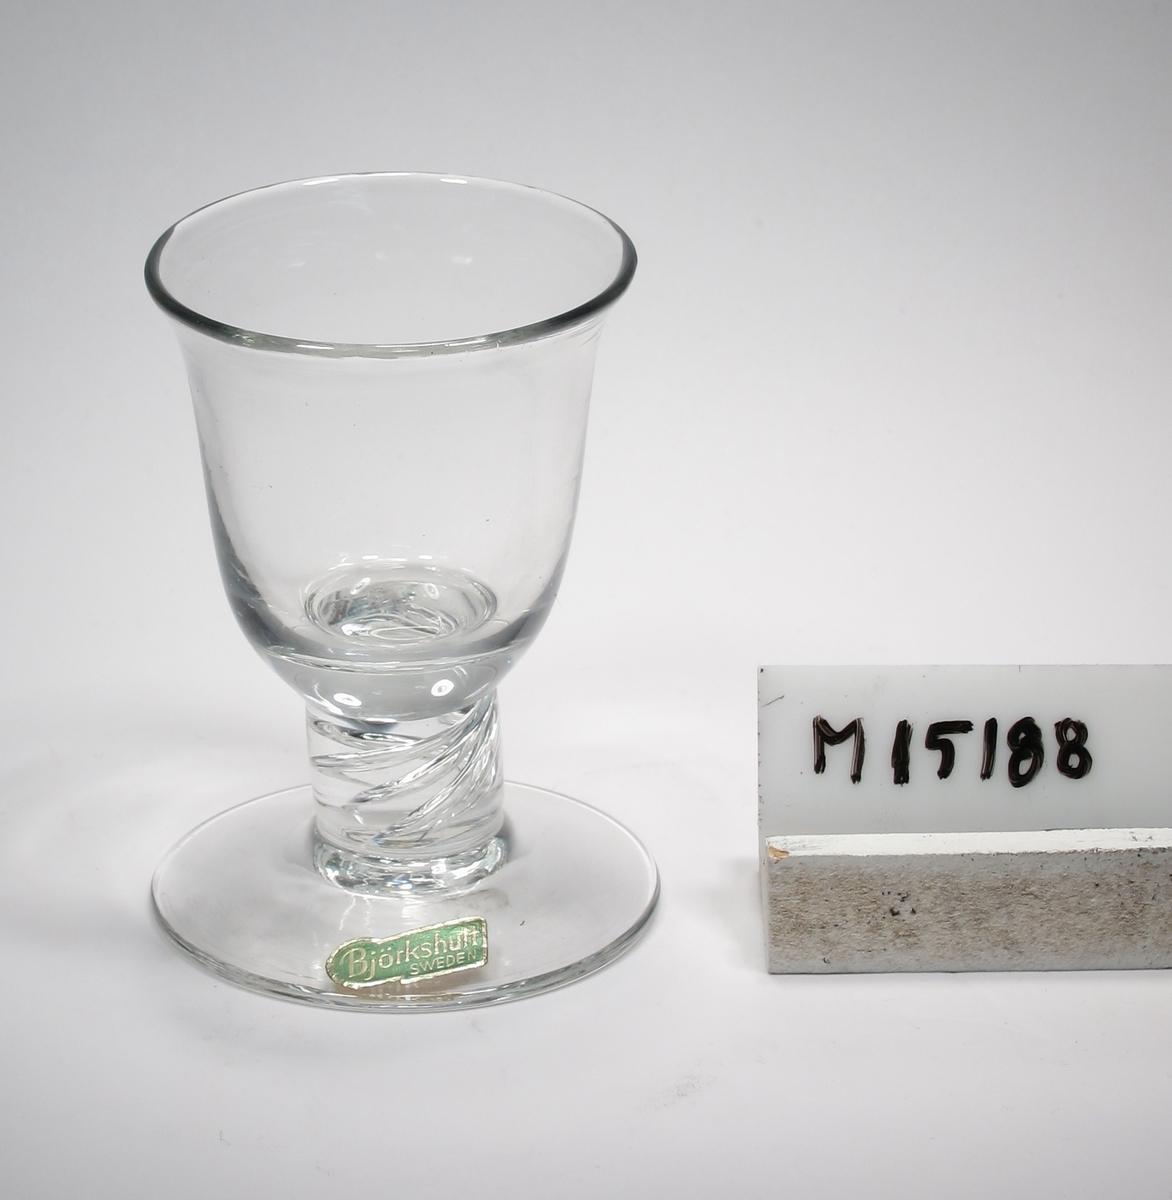 """Glas. Klockformad kuppa. Kort, rakt ben, skivfot. I benet luft i spiralslingor. Ofärgat klarglas. Ovan angivna mått avser mynningens diameter. Fotdiameter: 64 mm. Avlång, grön etikett med text. Se """"Signering, märkning"""" ovan. Inskrivet i huvudkatalogen 1952. Funktion: Glas"""